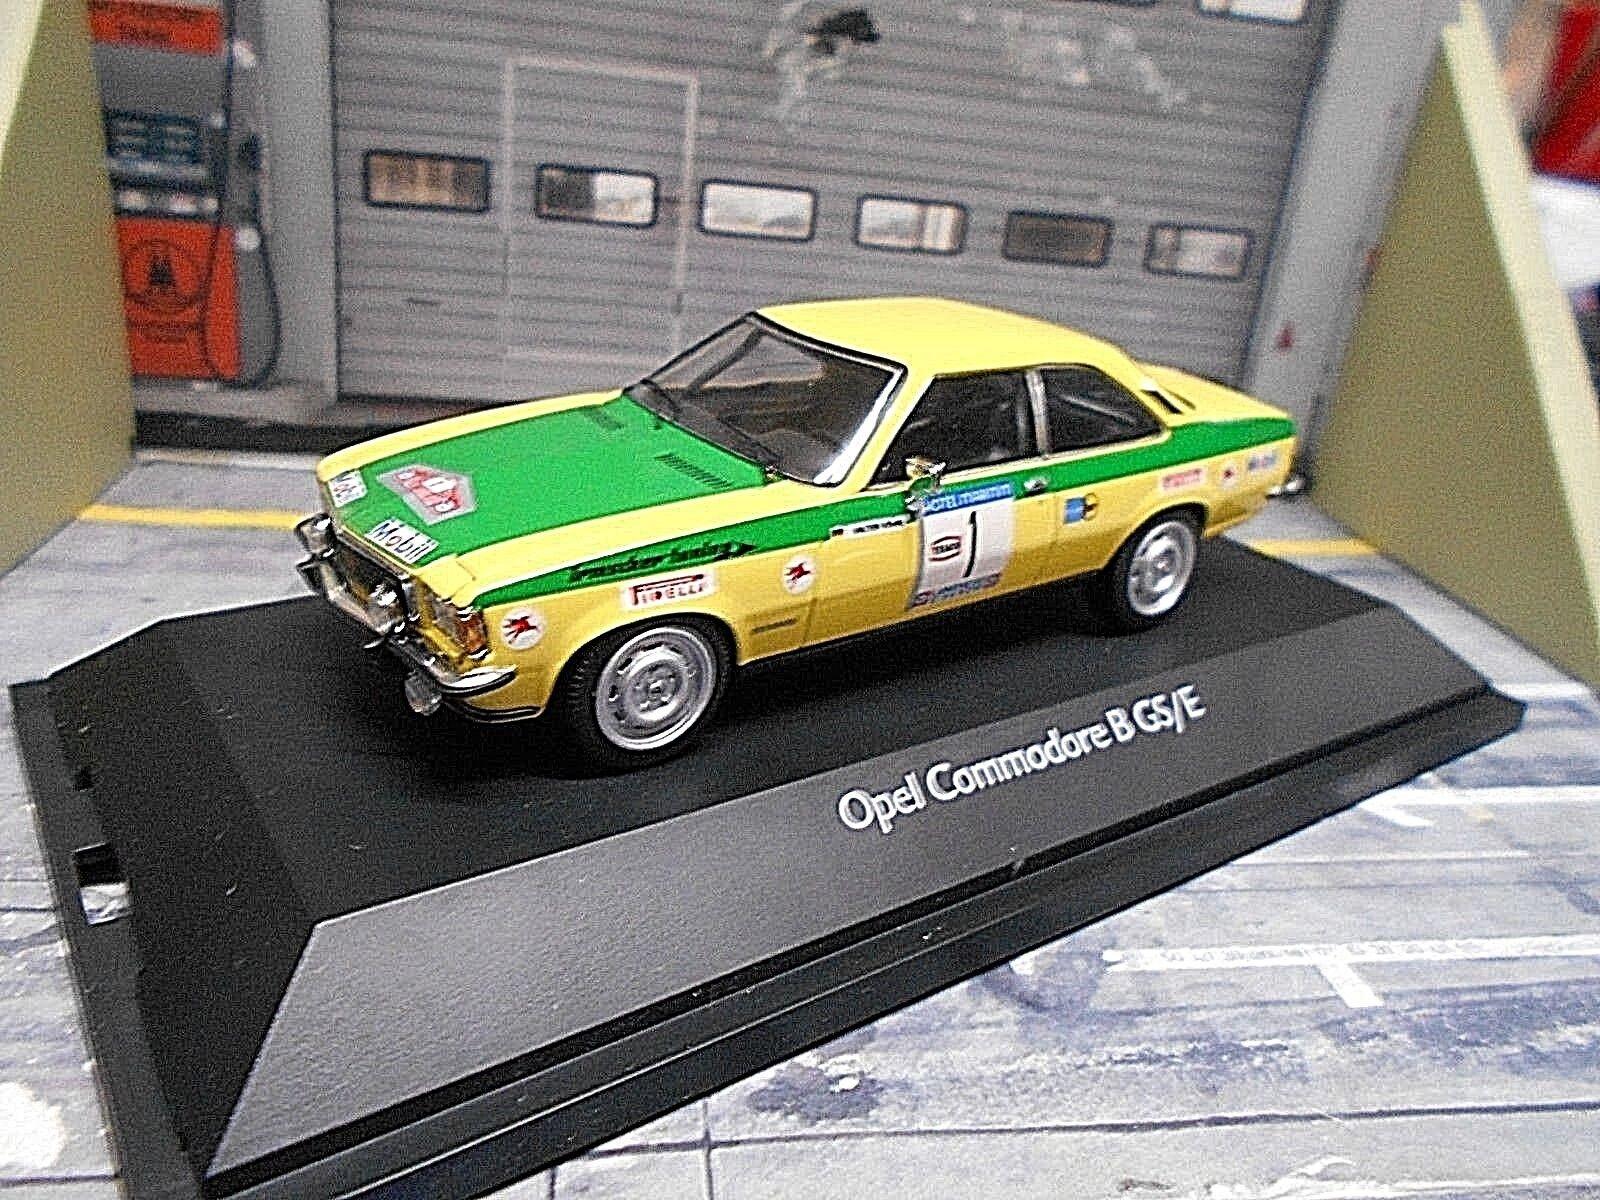 Opel Commodore B GSE GS E RALLYE Nordland DRM  1 Röhrl 1973 SCALA 43 SCHUCO 1 43